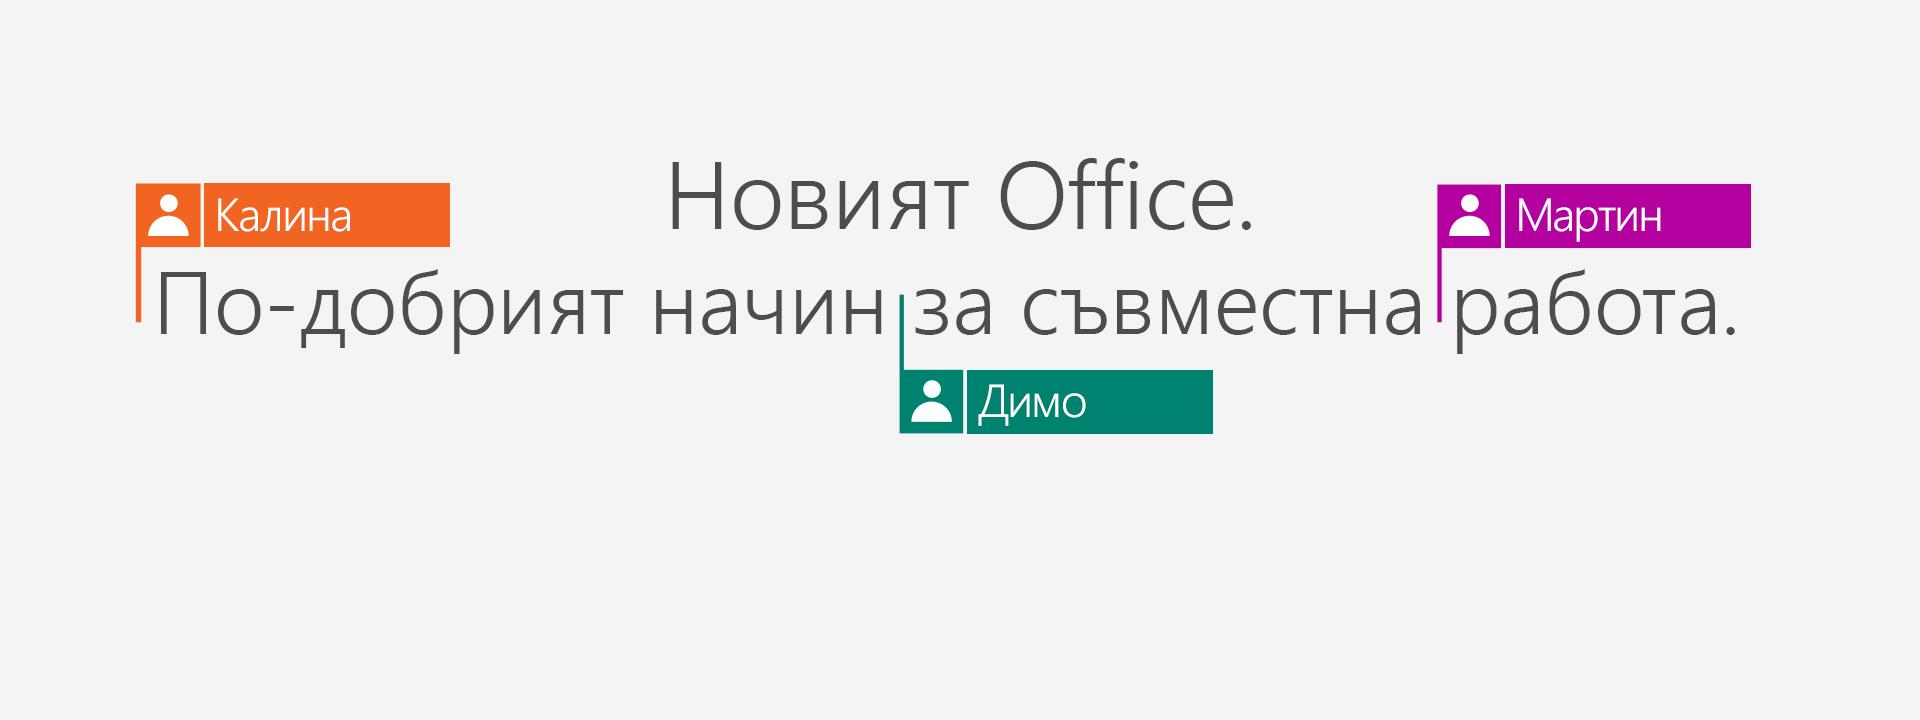 Купете Office 365, за да получите новите приложения за 2016.